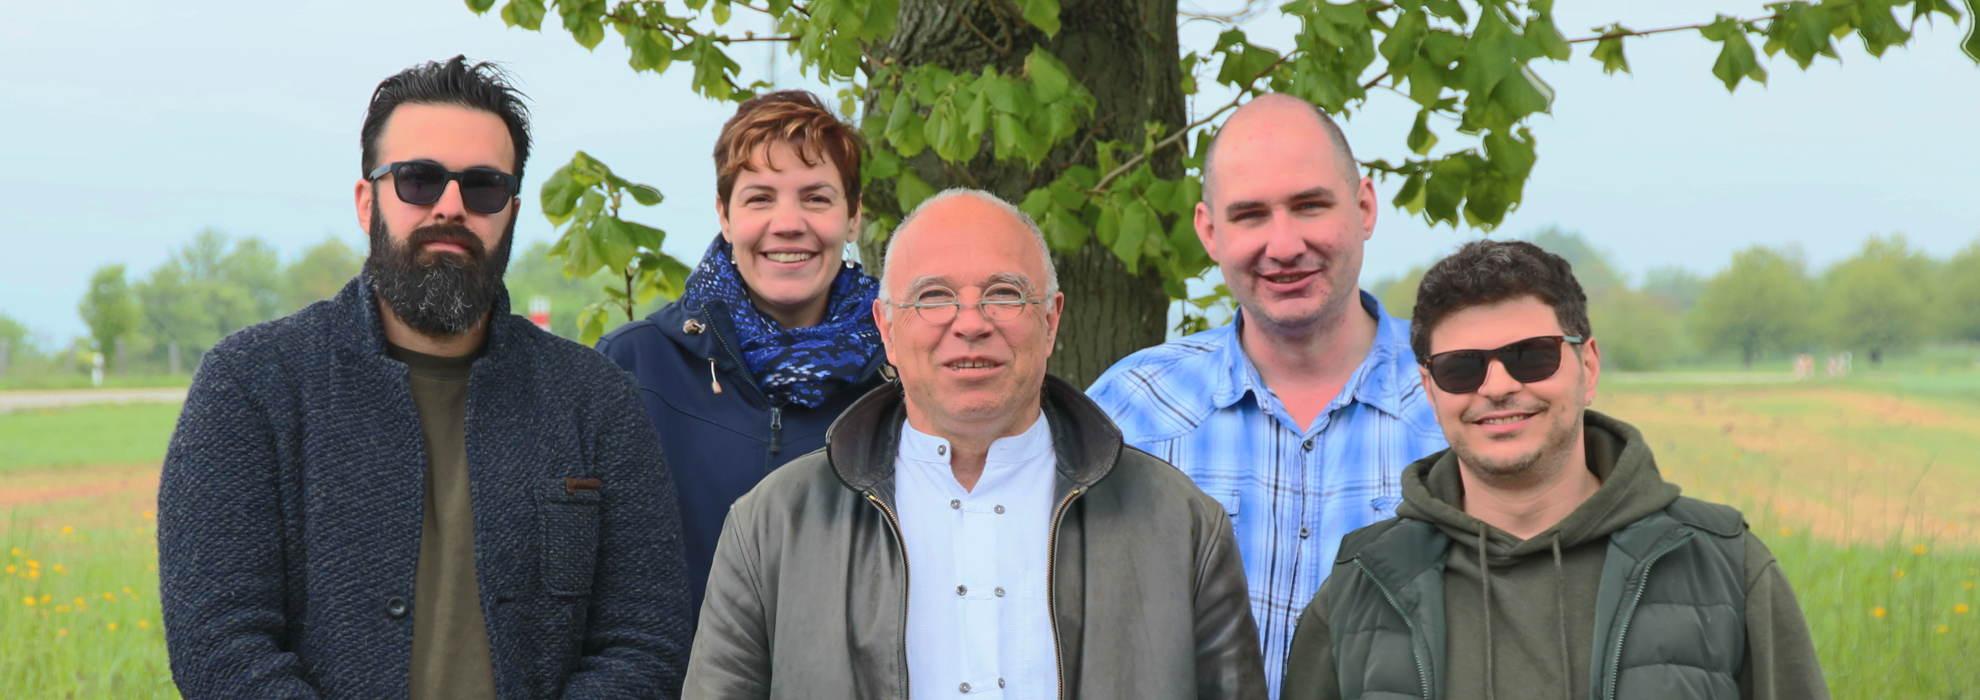 Fahrlehrerteam Fahrschule Forster